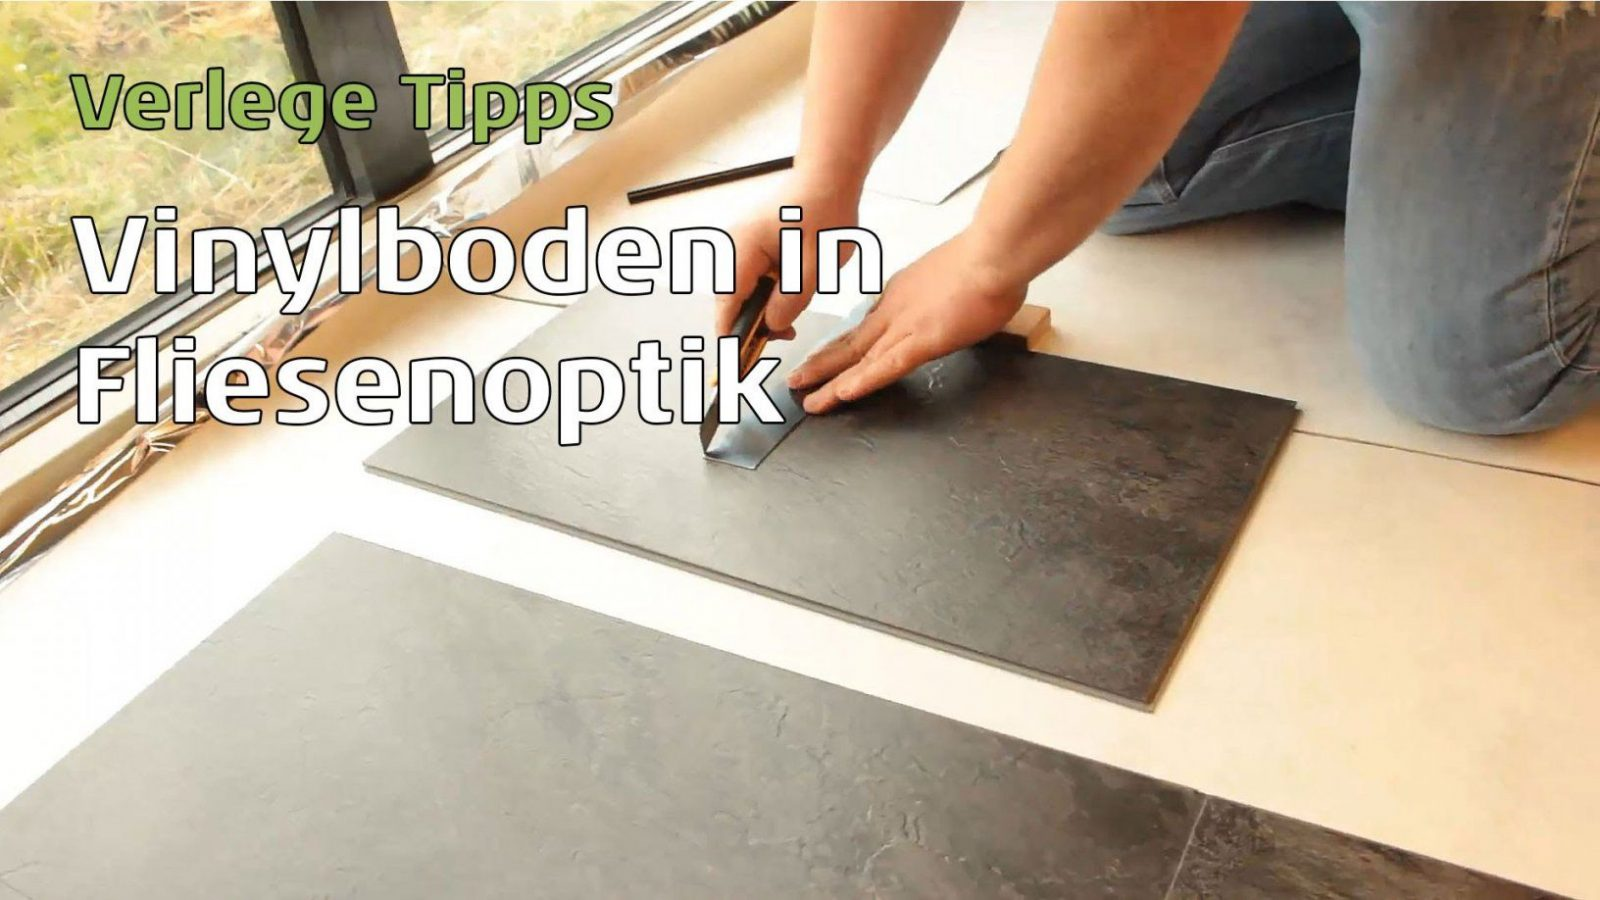 Vinylboden In Fliesenoptik Verlegen Parkett Wohnwelt Erklärt Wie Es von Vinyl Auf Fliesen Mit Fußbodenheizung Verlegen Bild